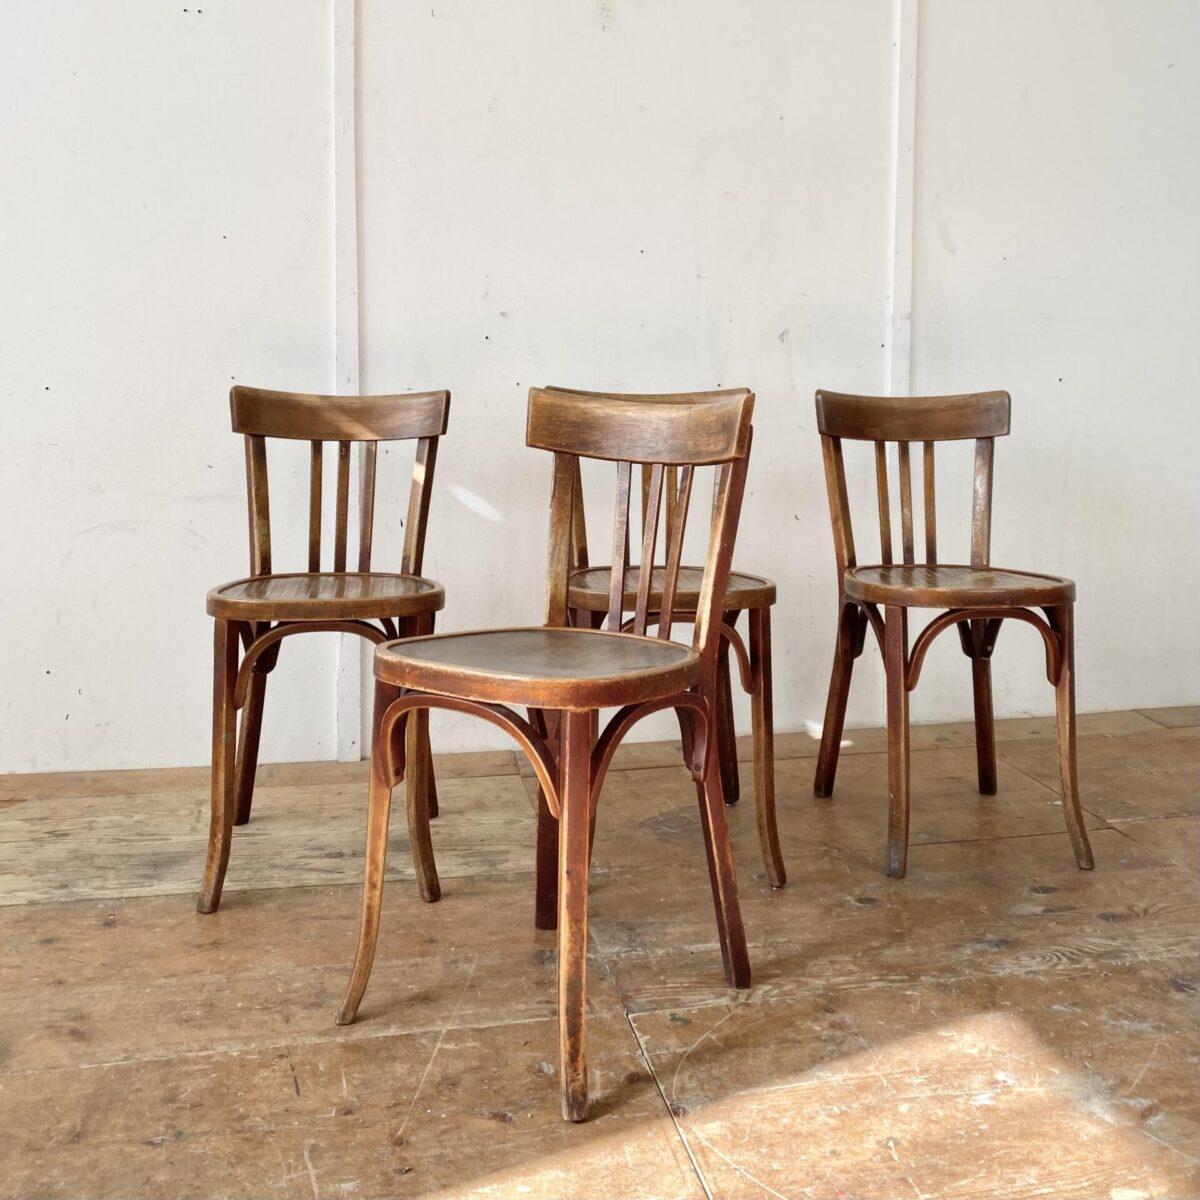 Deuxieme.shop 4er Set Bistrostühle von Emil Baumann. Preis fürs Set. Die Stühle sind Unrestauriert aber in stabilem Zustand. Drei der Sitzflächen haben eine Prägung.